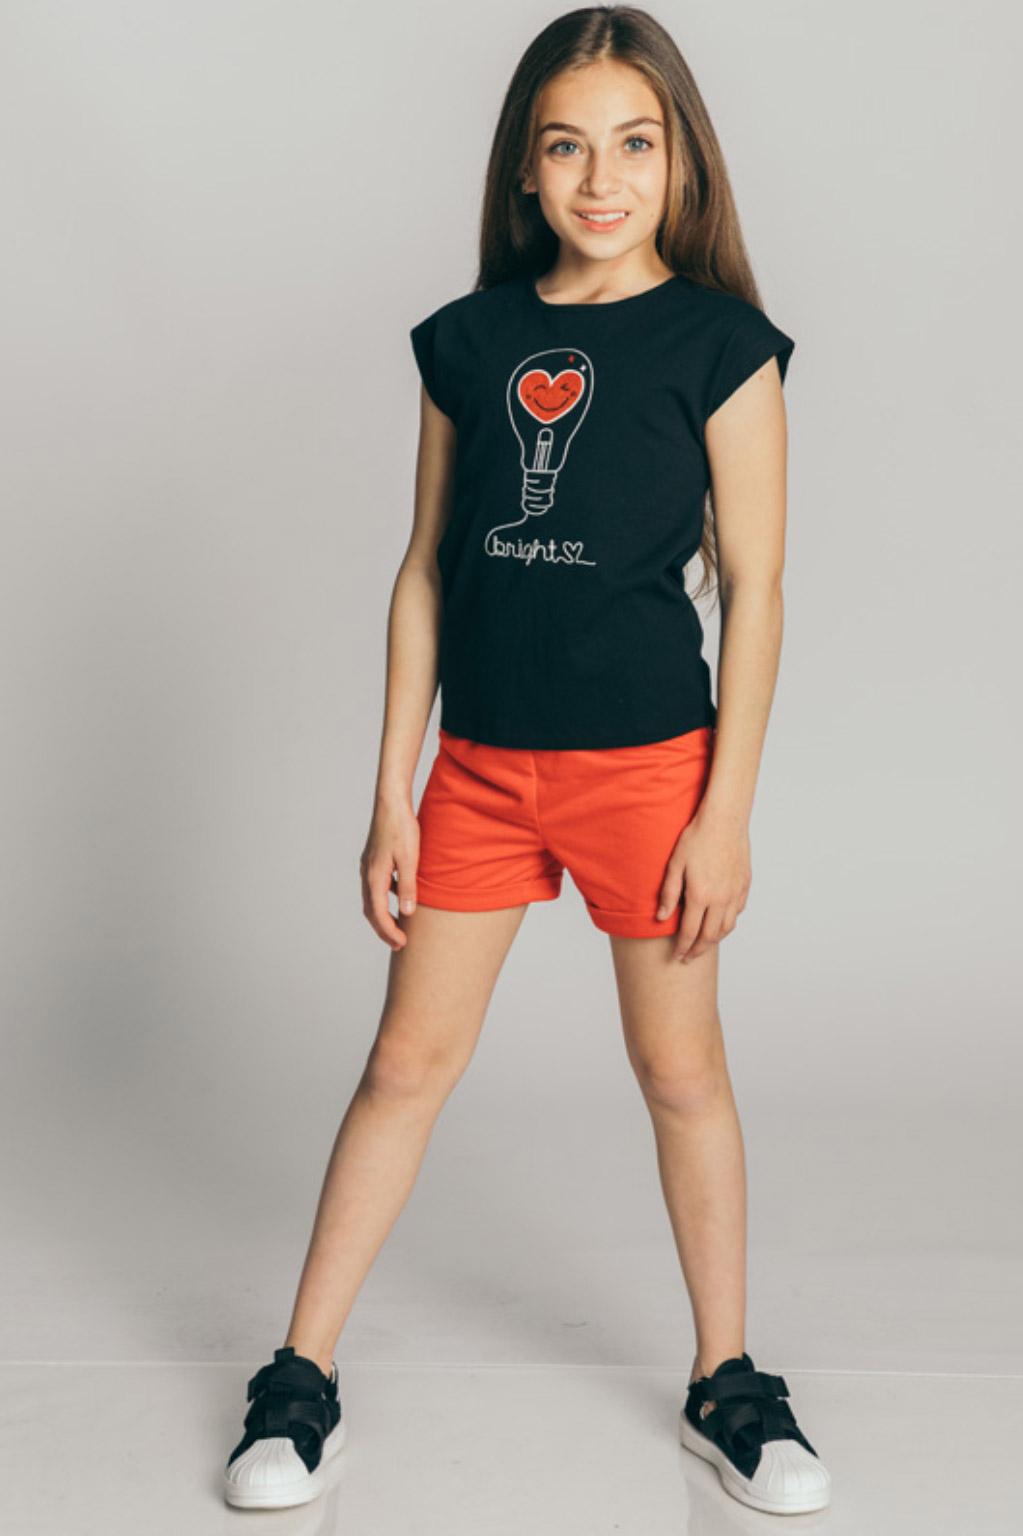 חולצת טריקו קצרה Kiwi לילדות - צבע לבחירה